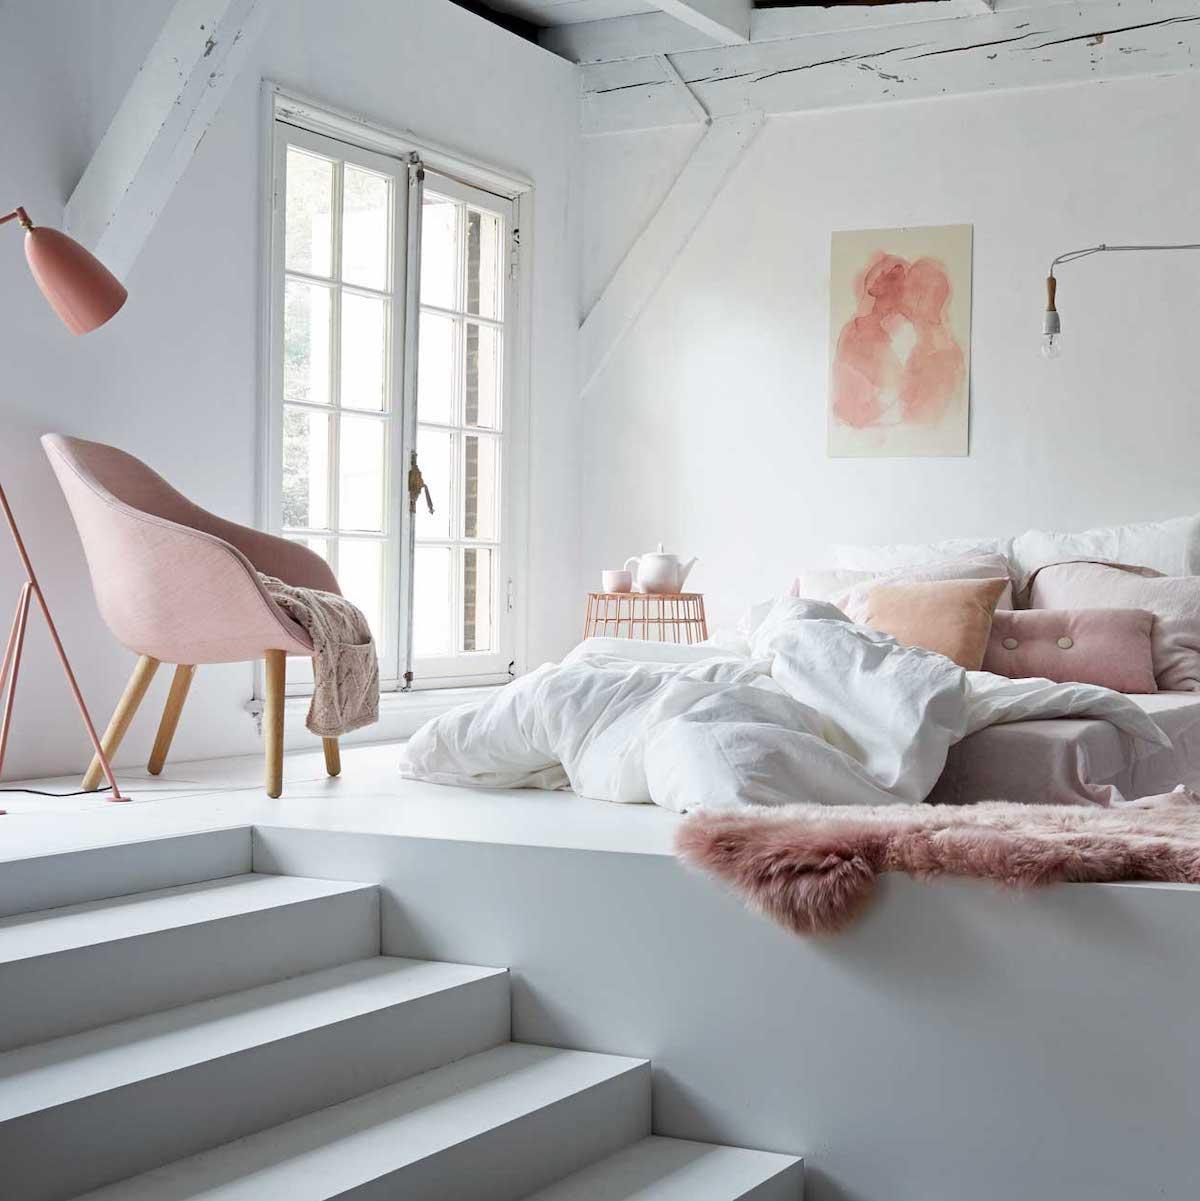 rose blush chambre blanche esprit vintage estrade escalier poutre apparente - blog déco - clem around the orner